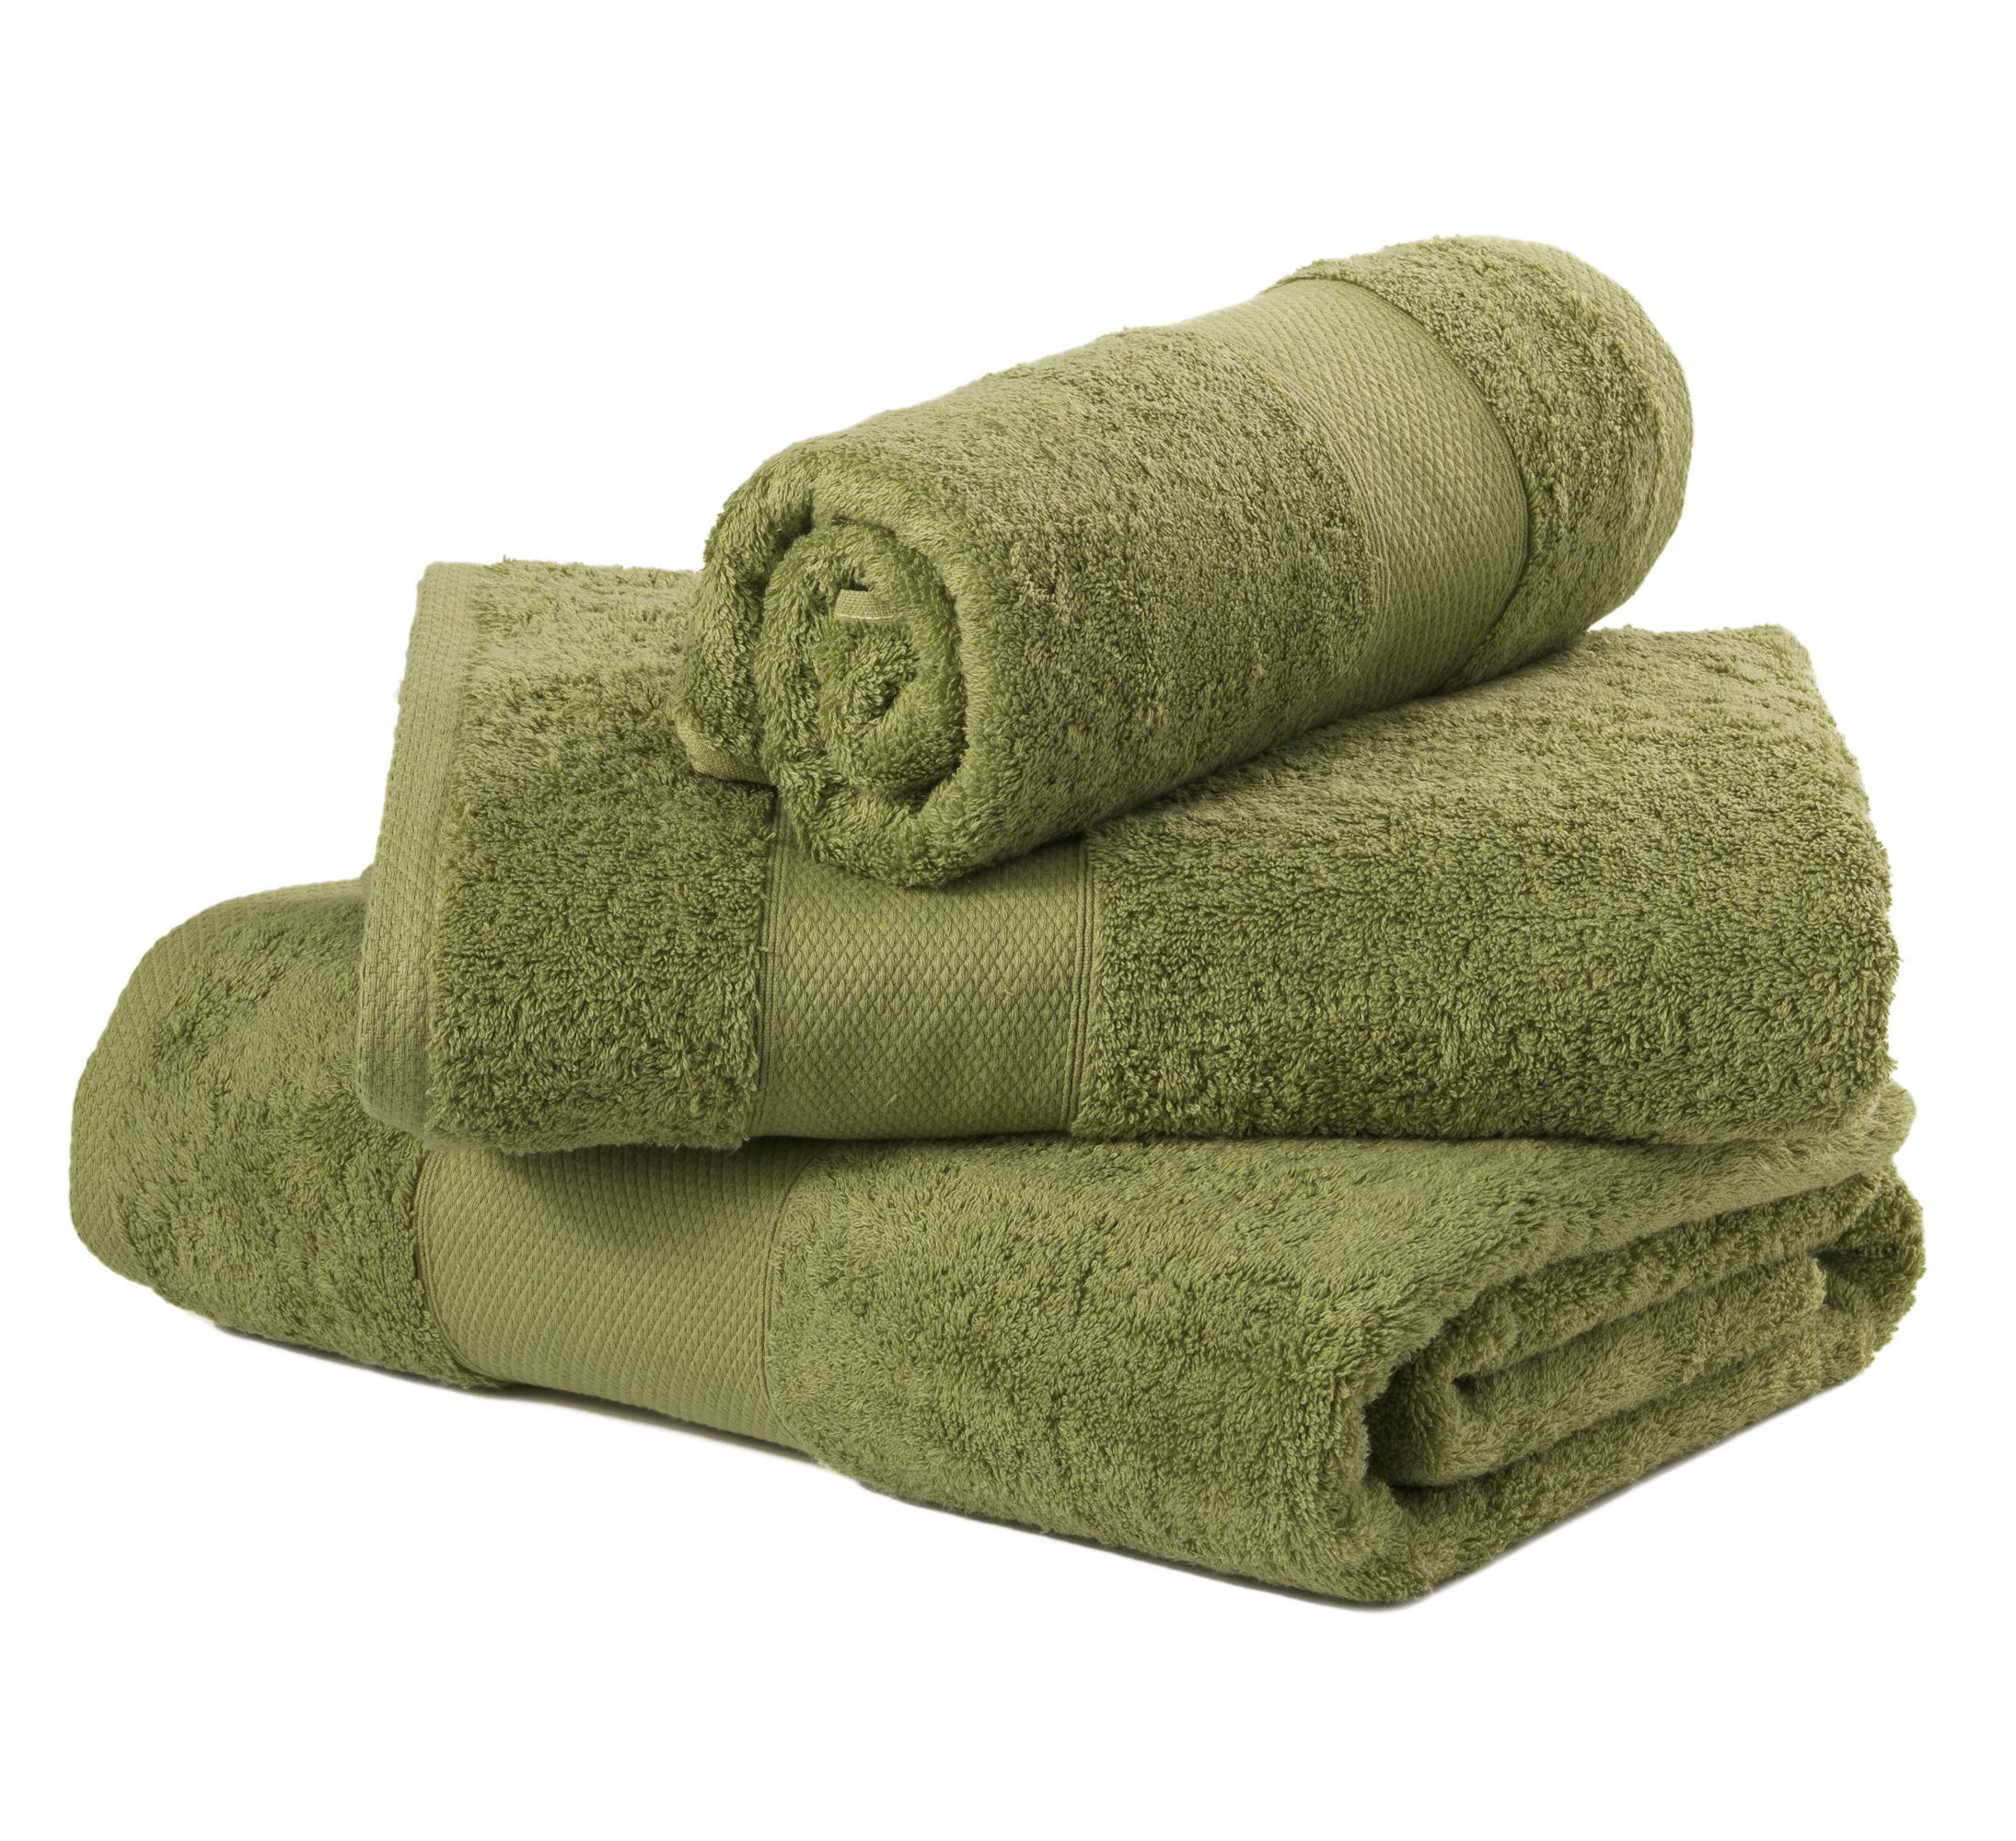 Towel Clip Art: Sauna Towel Clipart